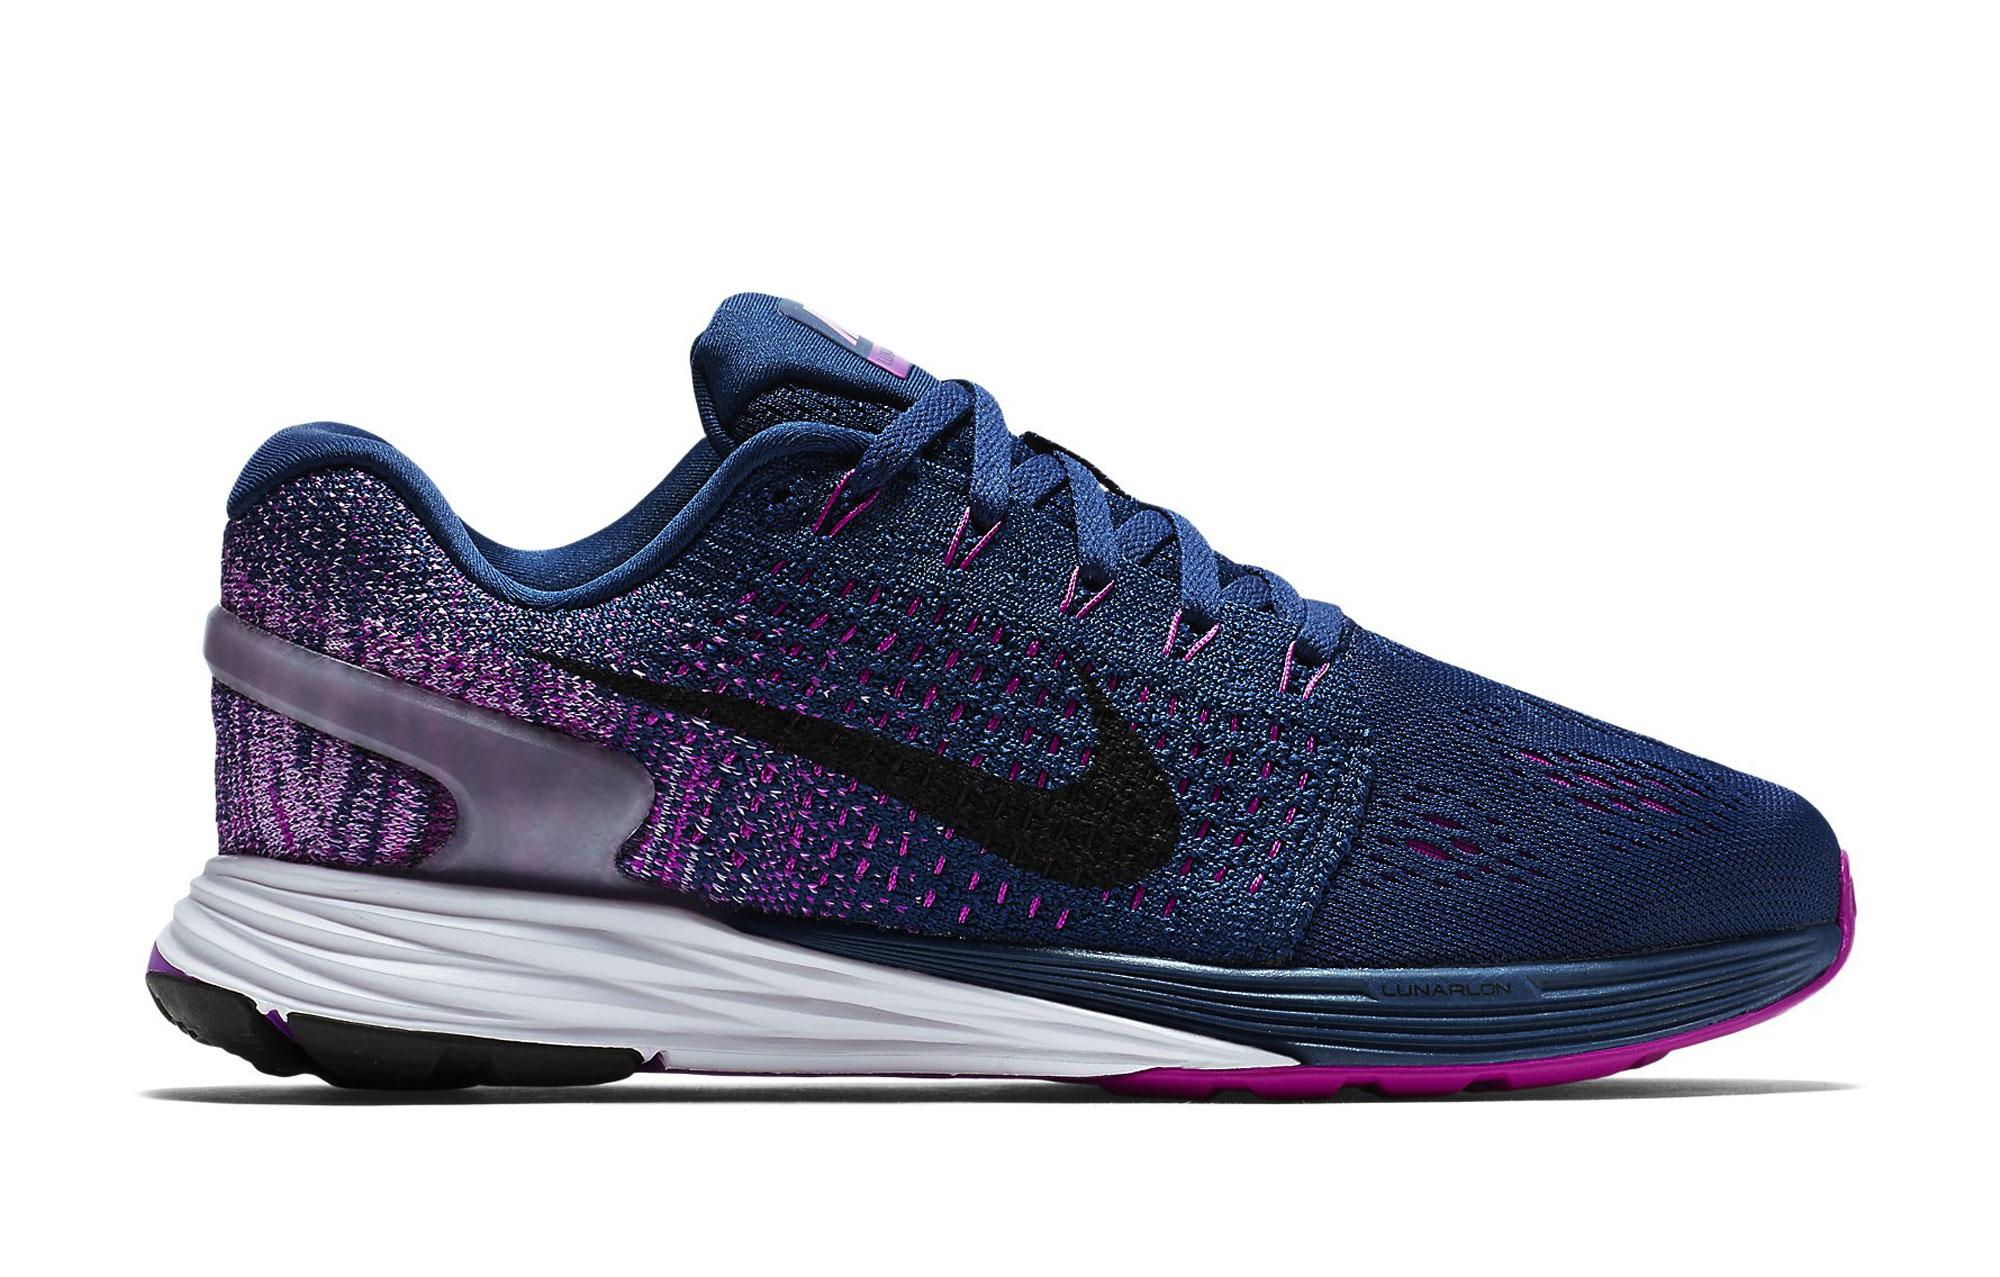 new concept 4b927 bc085 ... sale chaussures de running femme nike lunarglide 7 bleu edca3 b7daf